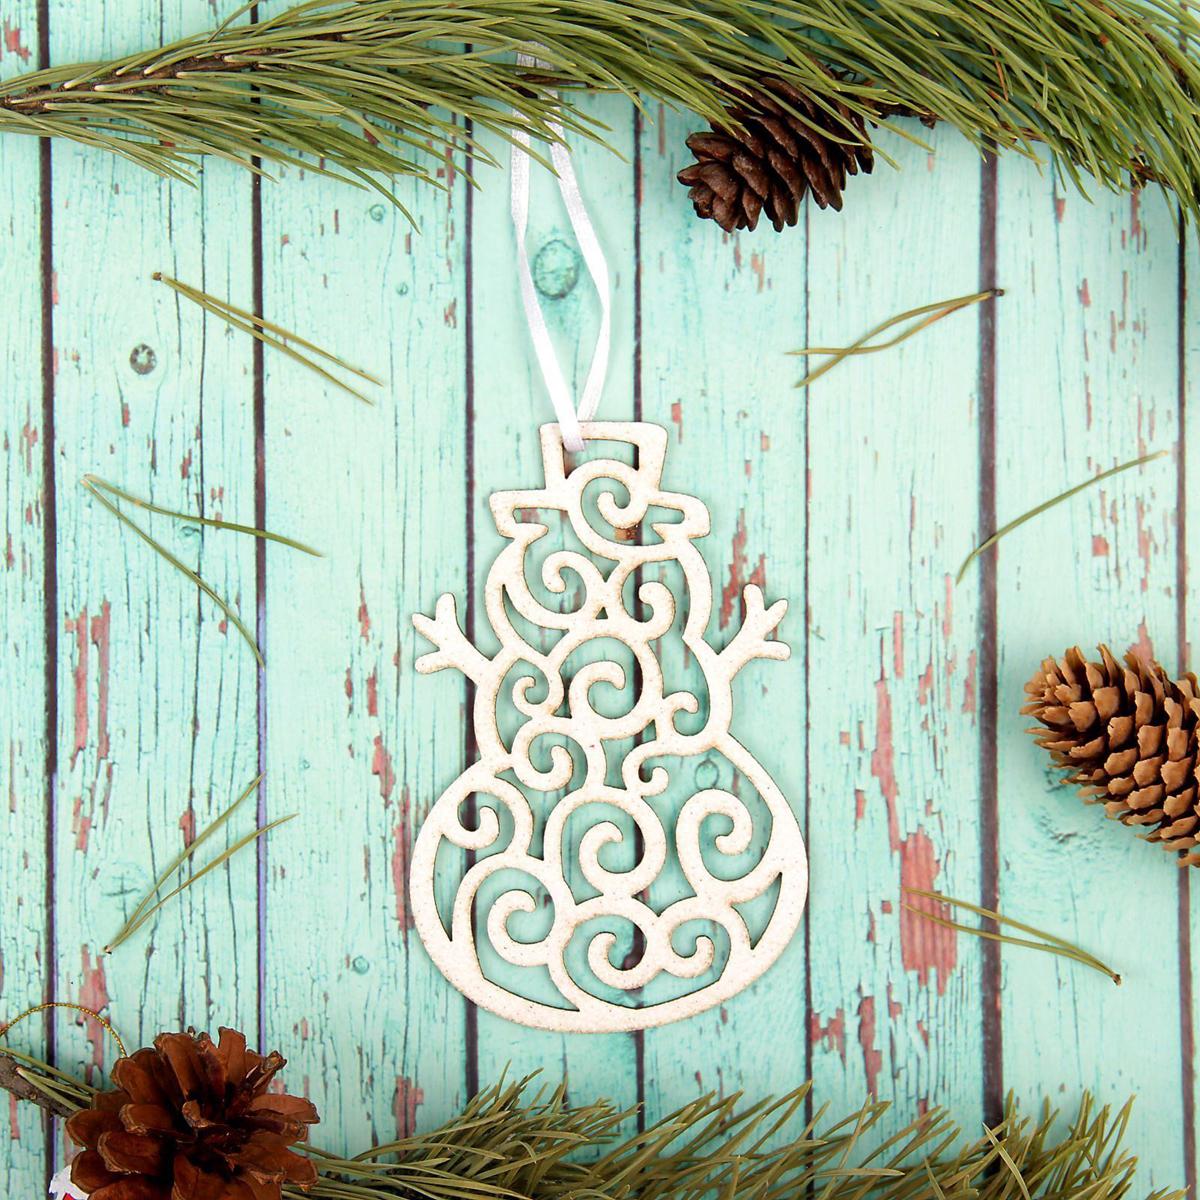 Украшение новогоднее подвесное Sima-land Кружевной снеговик, 13 см х 8,5 см2277507Новогодние украшения Sima-land изготовлены из пластика. Изделия имеют плотный корпус, поэтому не разобьются при падении.Невозможно представить нашу жизнь без праздников! Новогодние украшения несут в себе волшебство и красоту праздника. Создайте в своем доме атмосферу тепла, веселья и радости, украшая его всей семьей.